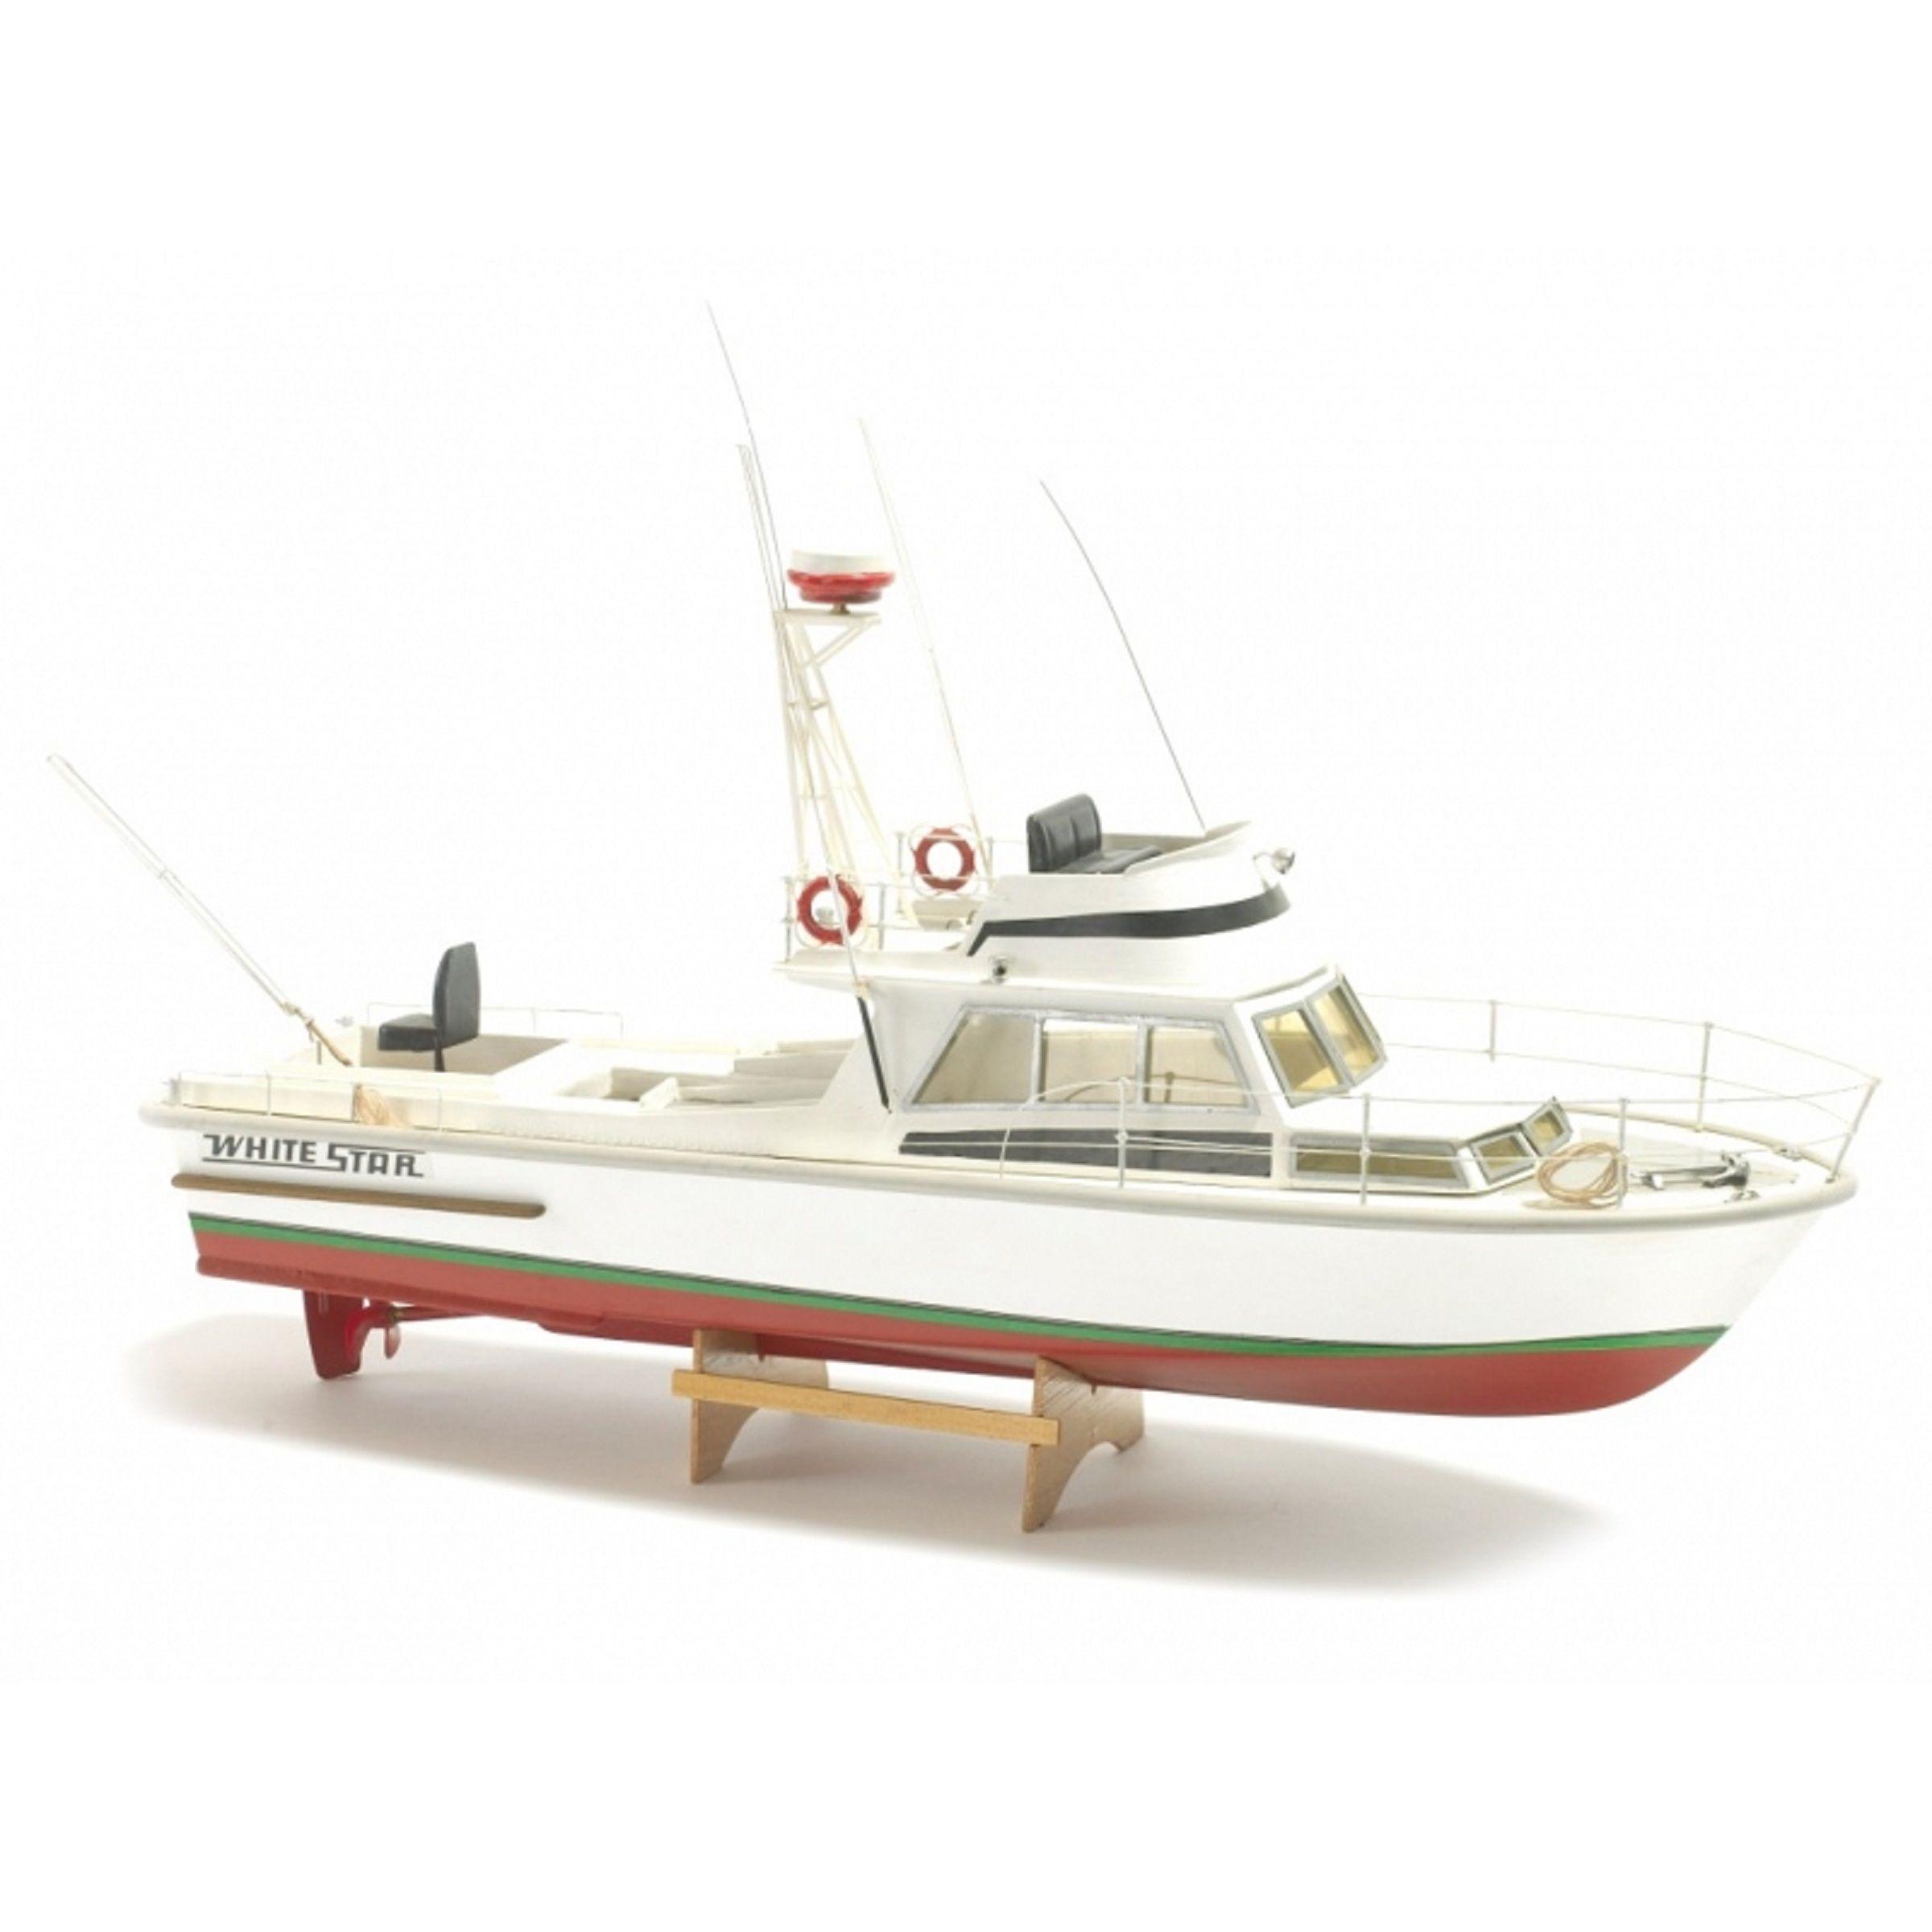 1127-9270-White-Star-Motor-Boat-Kit